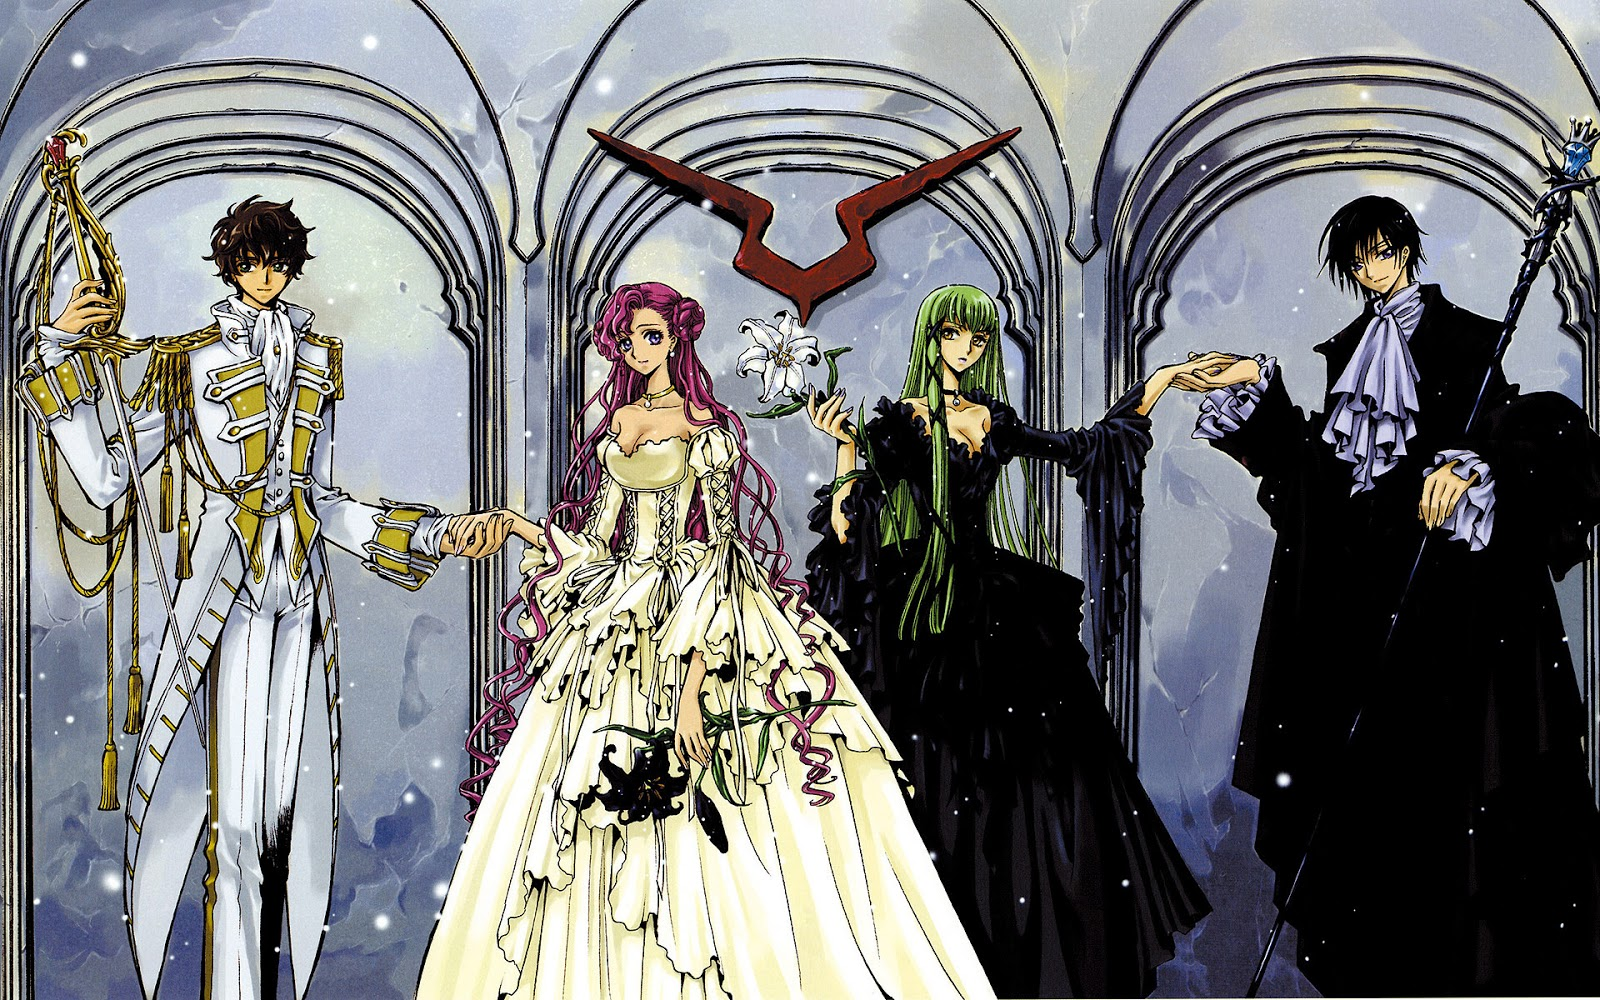 Like Baka Eu Ja Assisti Esse Anime: O Baka SouL: Recomendação De Anime (Code Geass